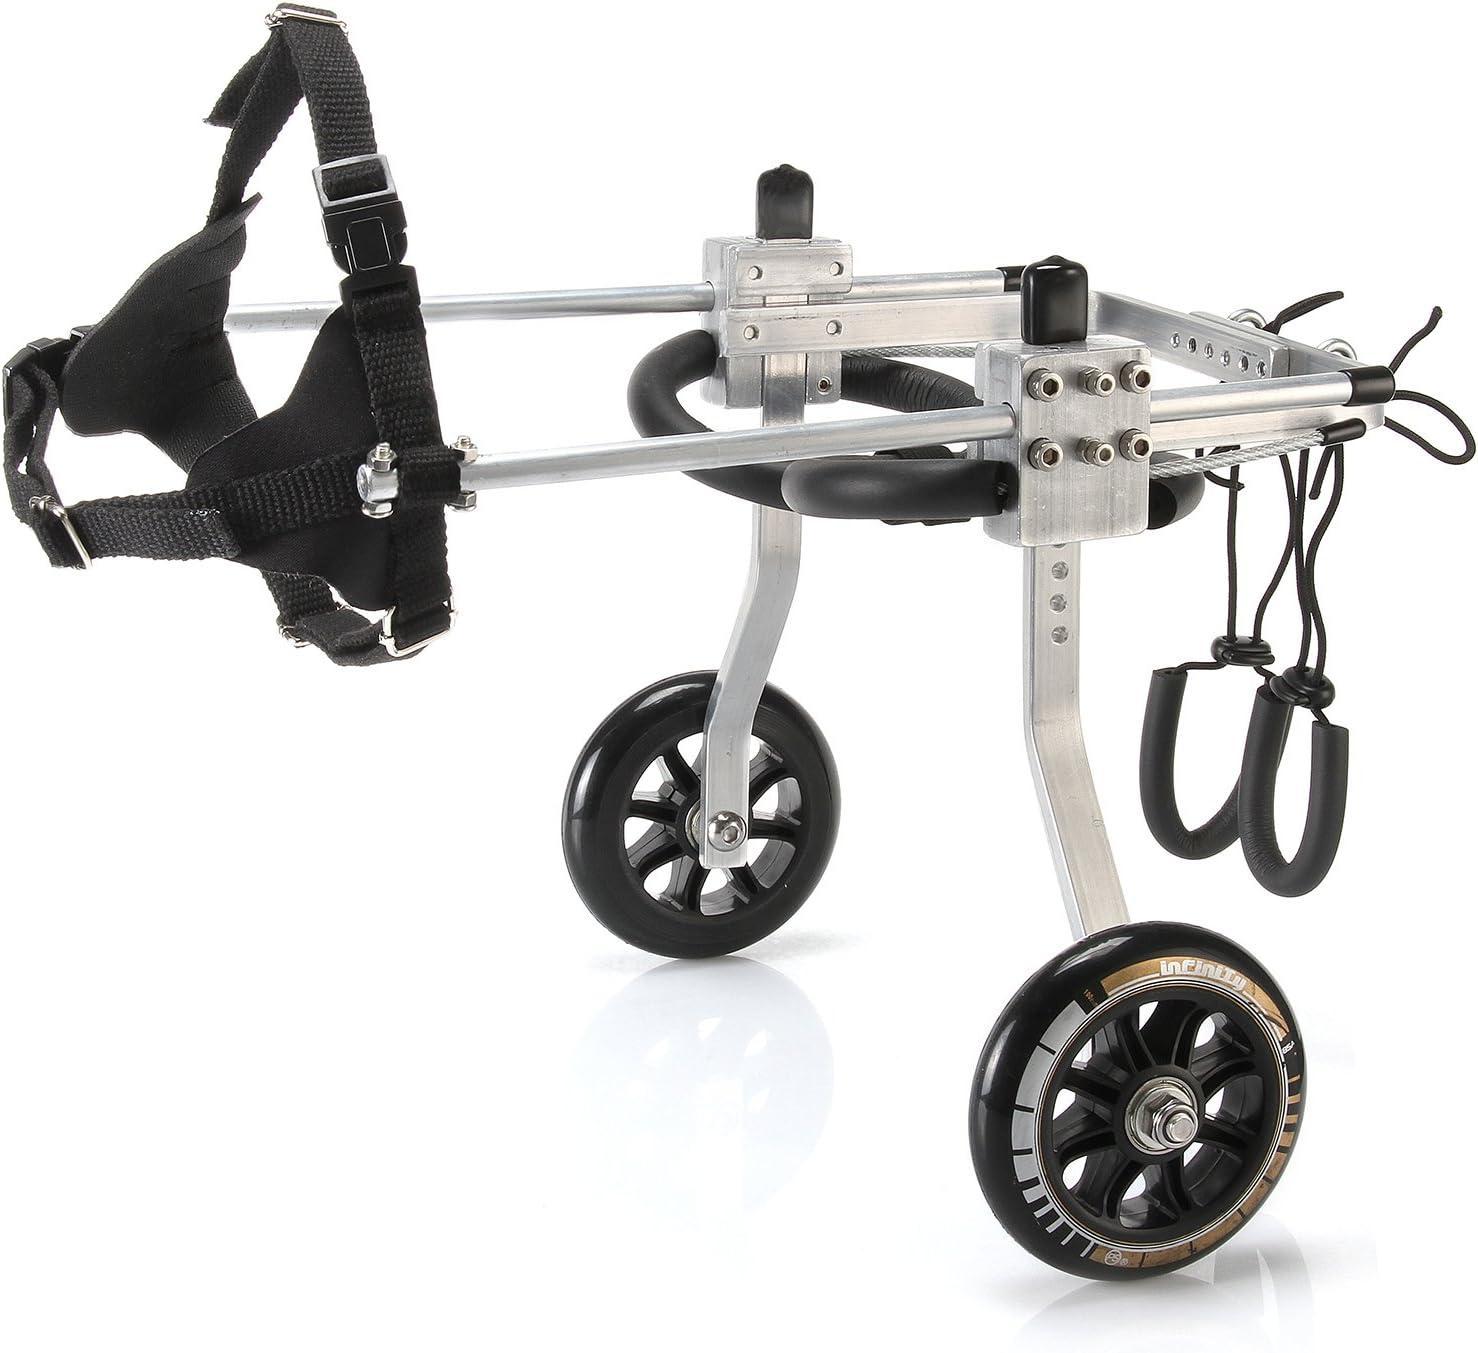 Anmas Sport Silla de ruedas ajustable para perros pequeños (XS), peso de 5 a 9 kg, patas traseras rehabilitación, peso ligero (M)